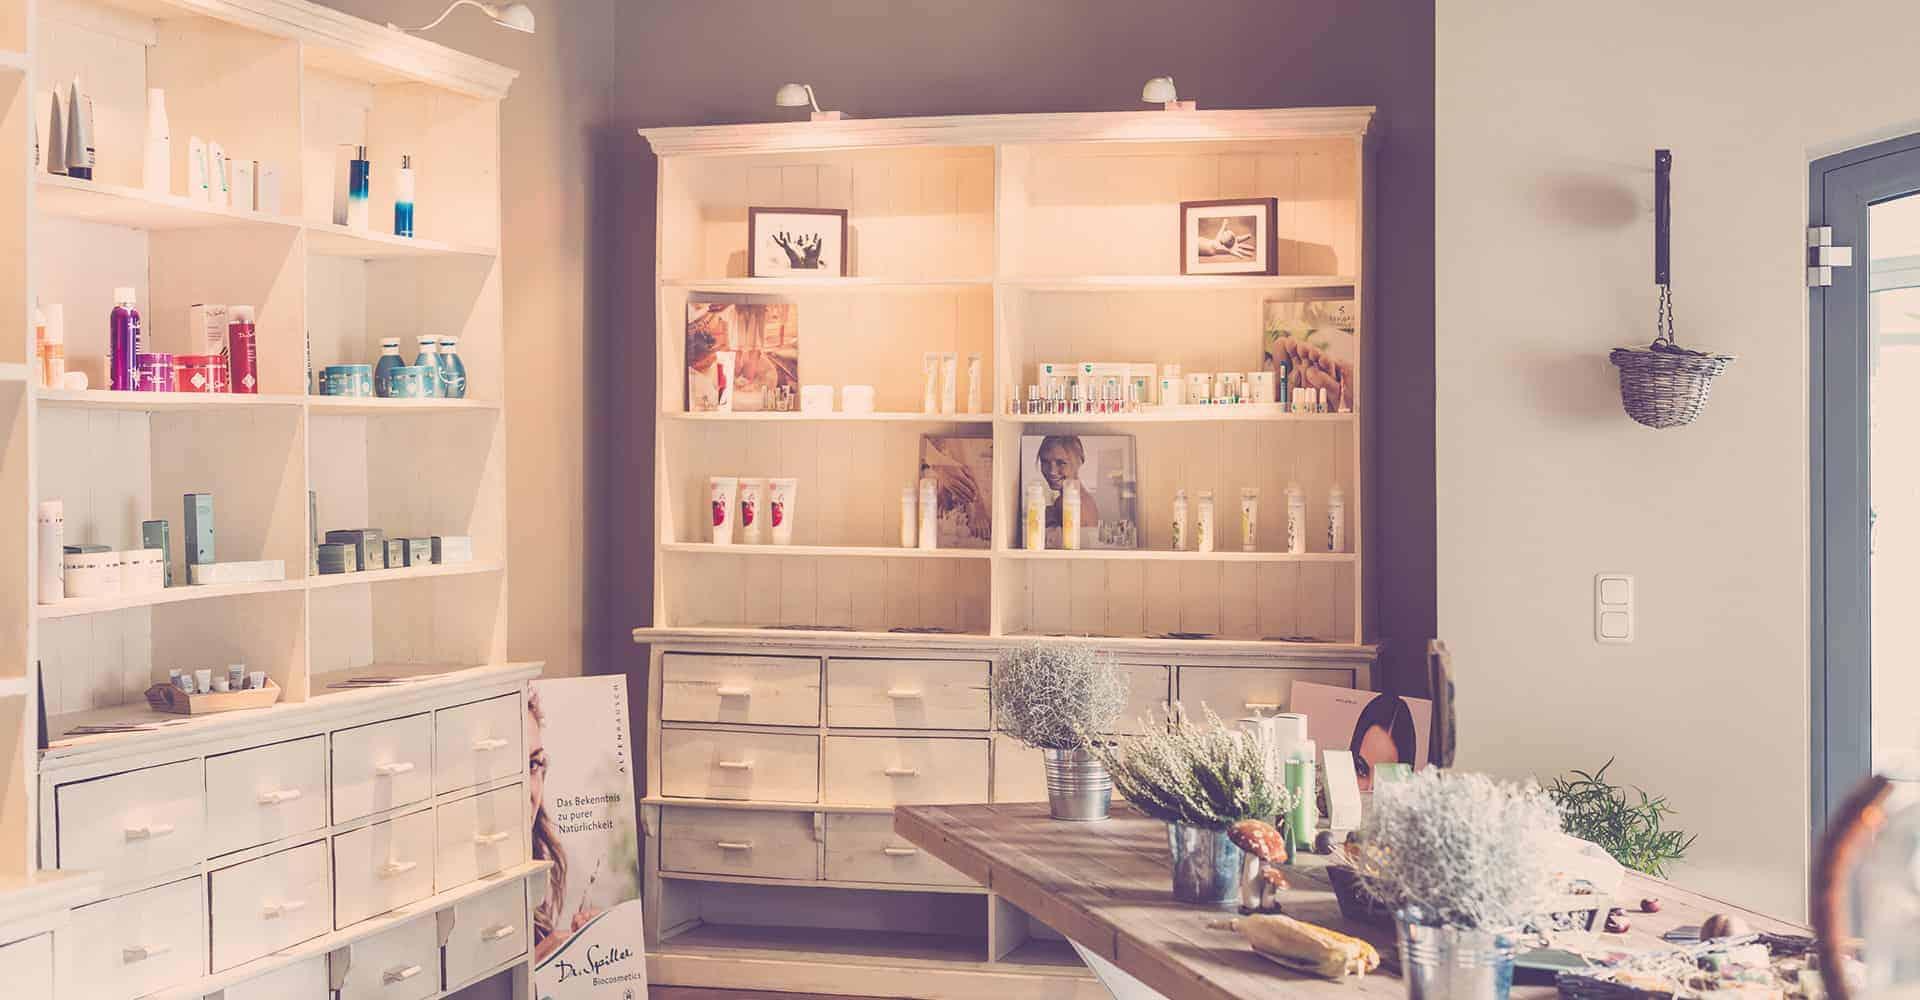 WOHLFÜHLRAUM KOSMETIK DRESDEN | NEUBAU LADENGESCHÄFT | Umsetzung der Innenraumgestaltung nach individueller Farb- und Stilberatung inklusive Bemusterung der verschiedenen Wand- und Bodenoberflächen.